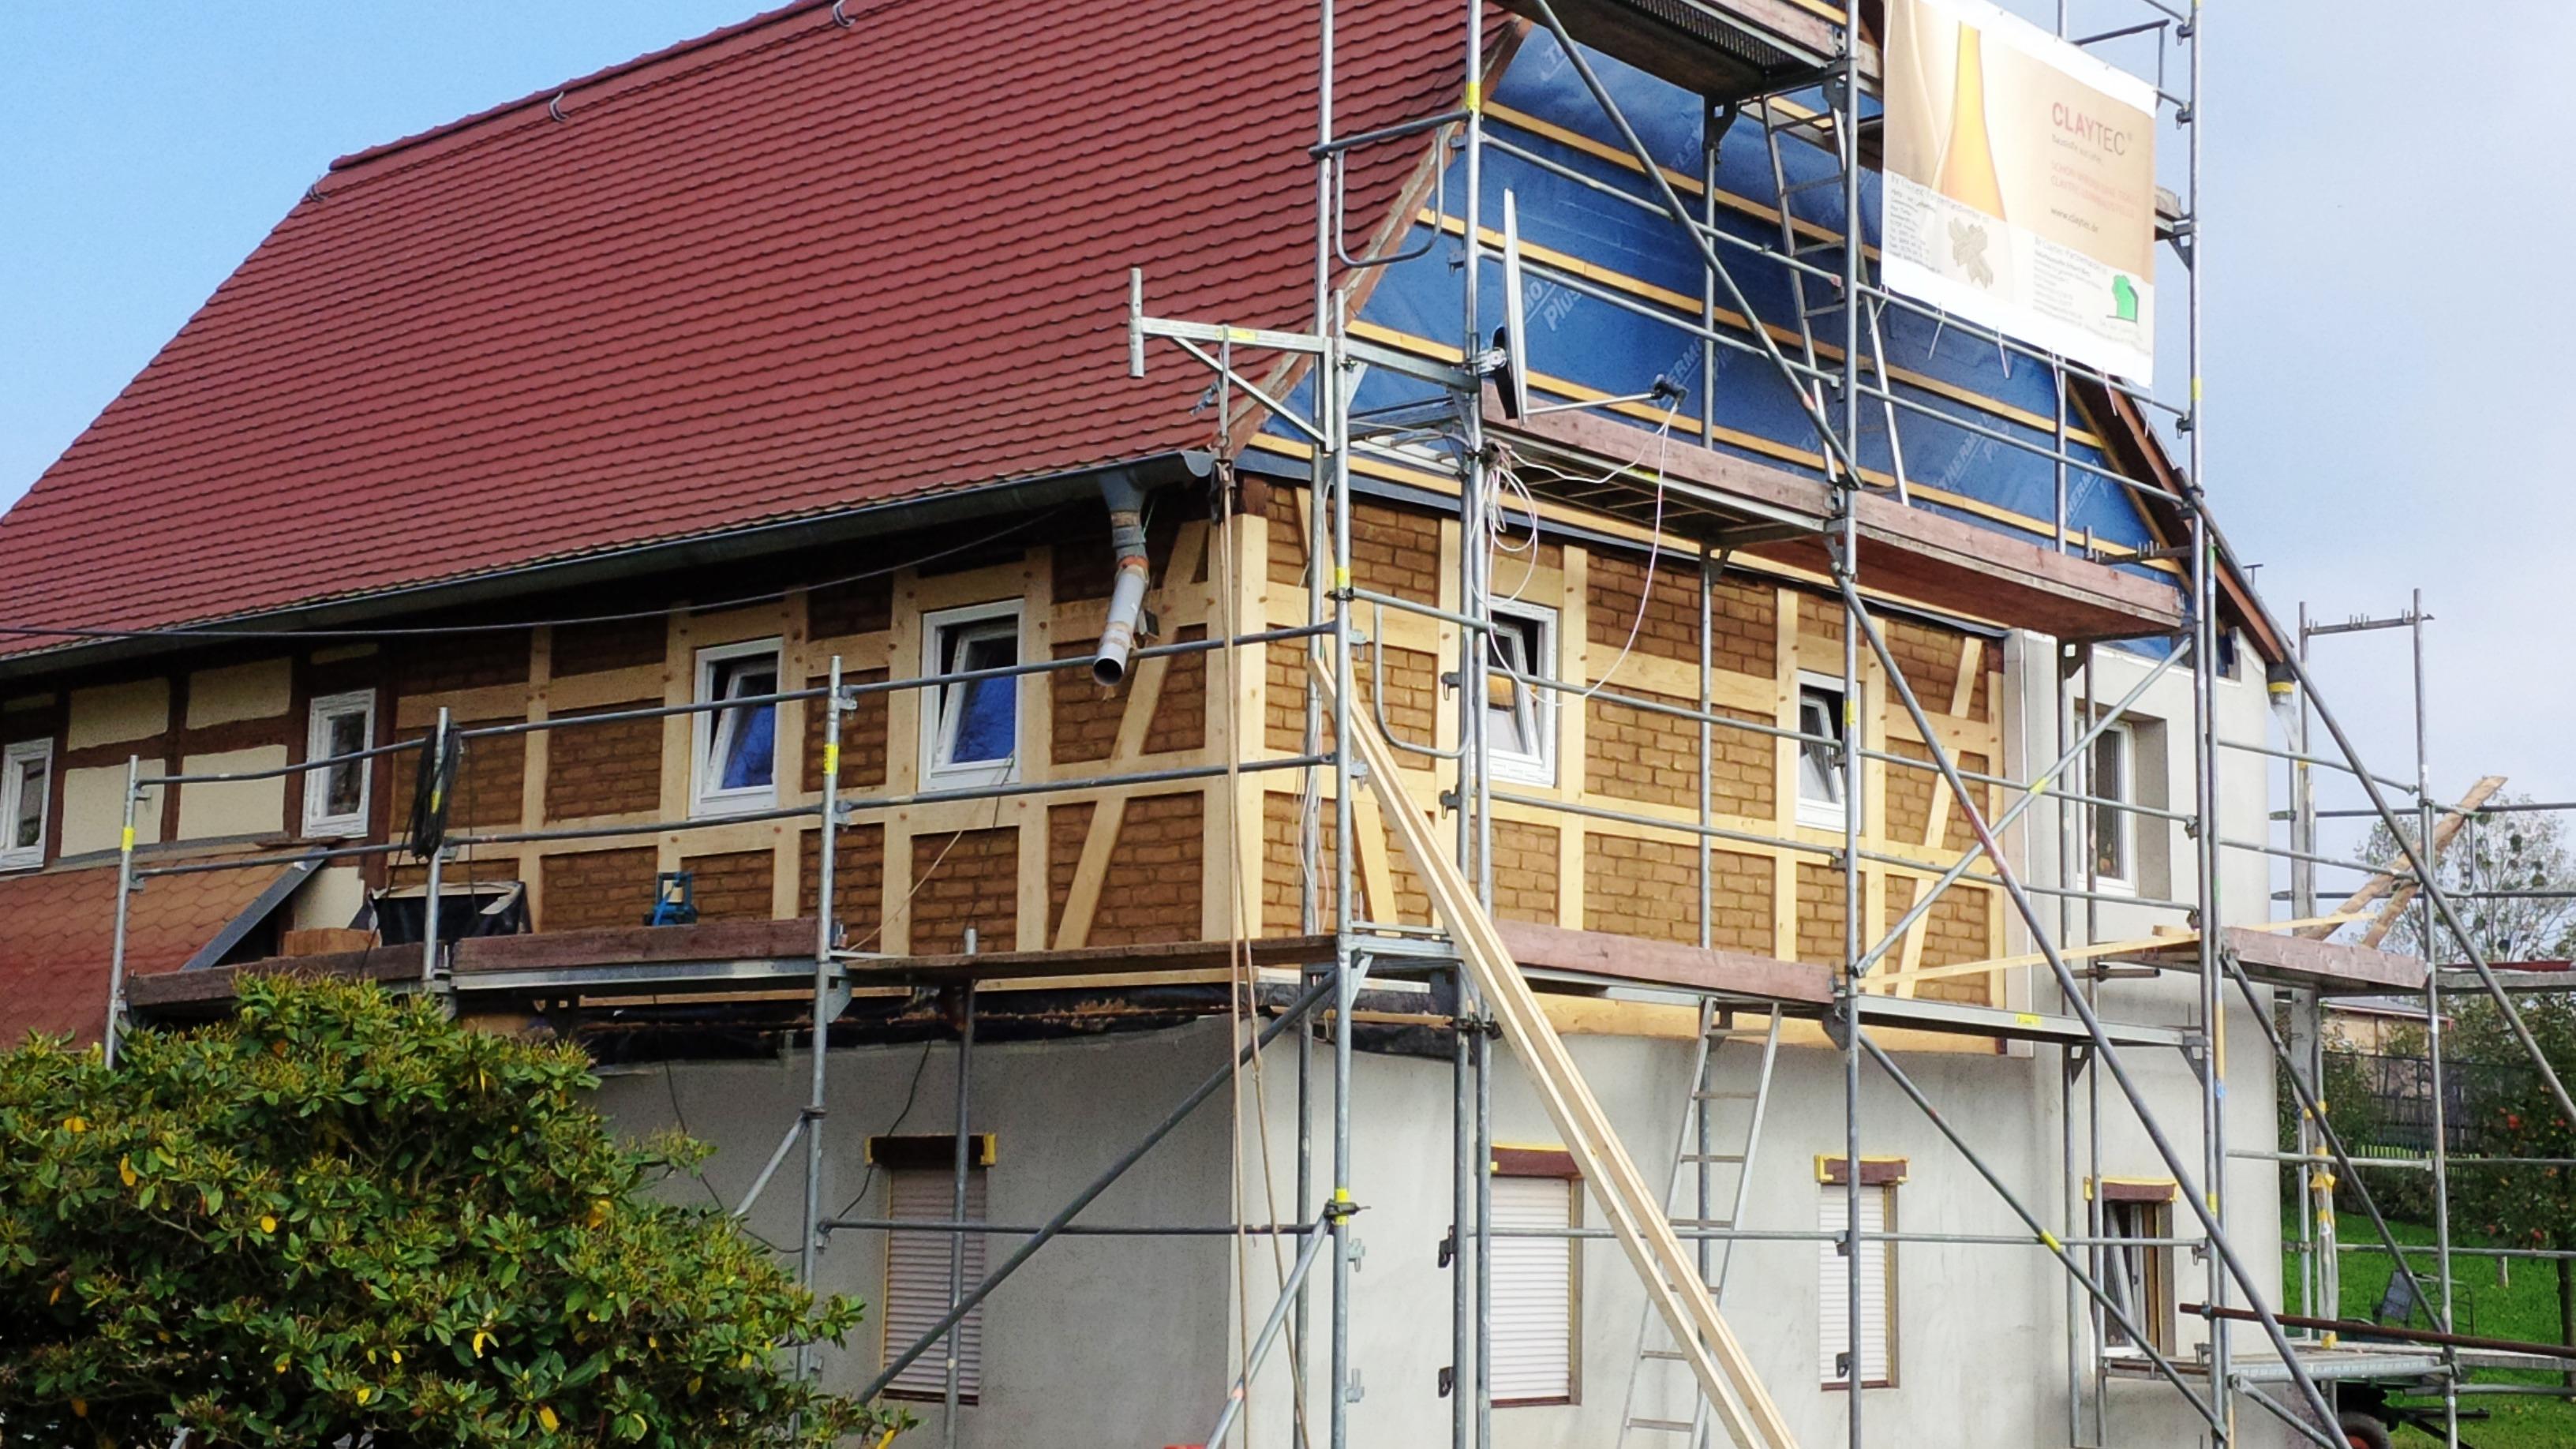 Sanierung von holzkonstruktionen holz und lehmbau for Fachwerk strebe